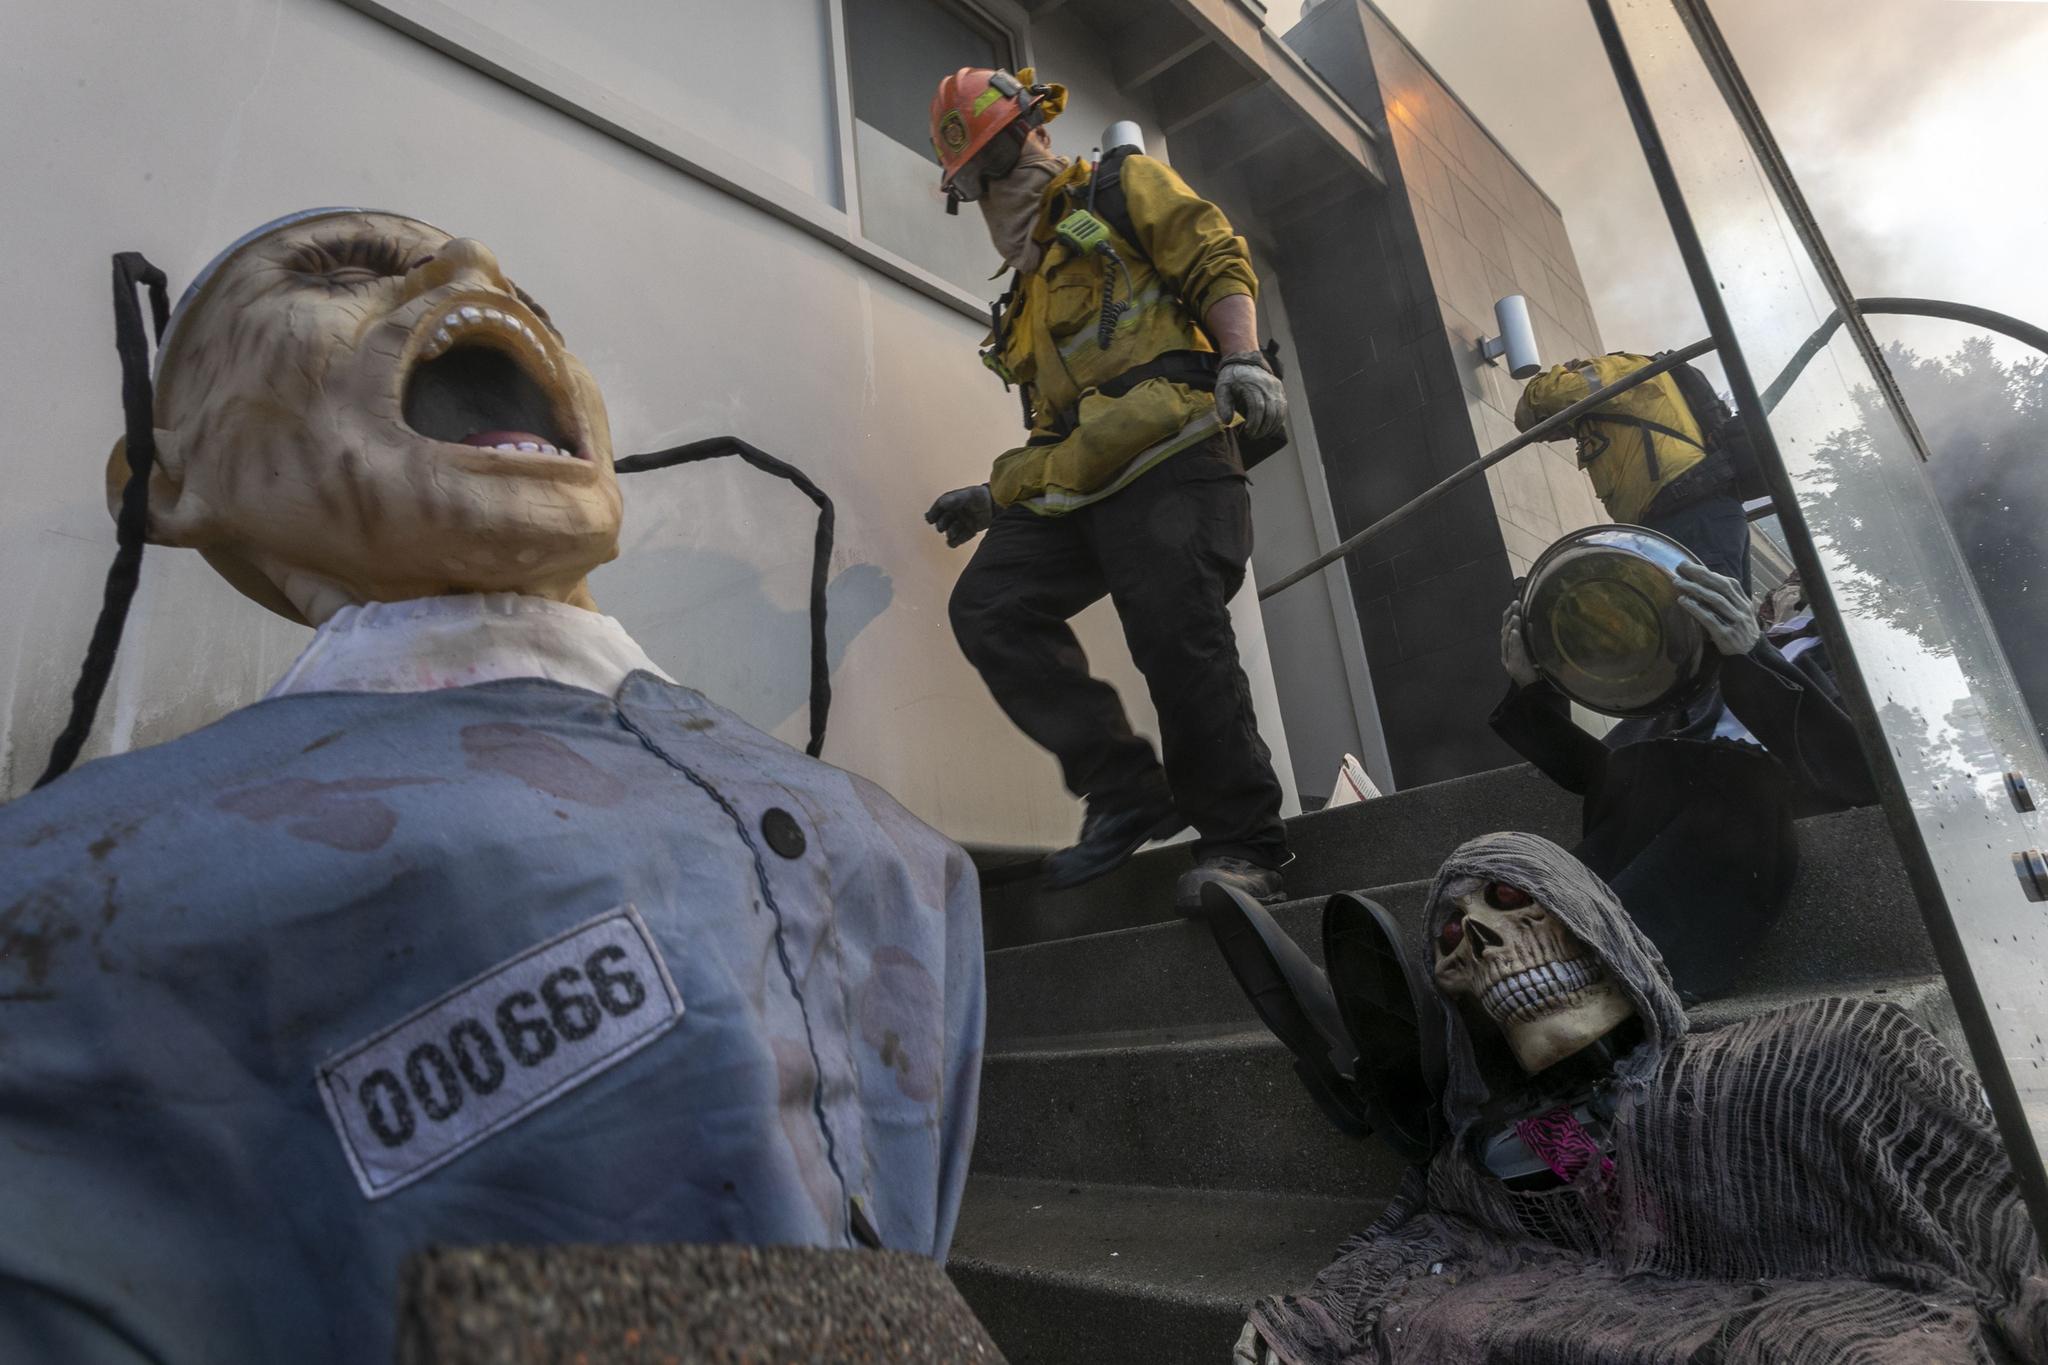 28일(현지시간) 캘리포니아 주 로스앤젤레스에서 발생한 화재로 불타버린 집에 좀비들이 쓰려져있다.[AFP=연합뉴스]